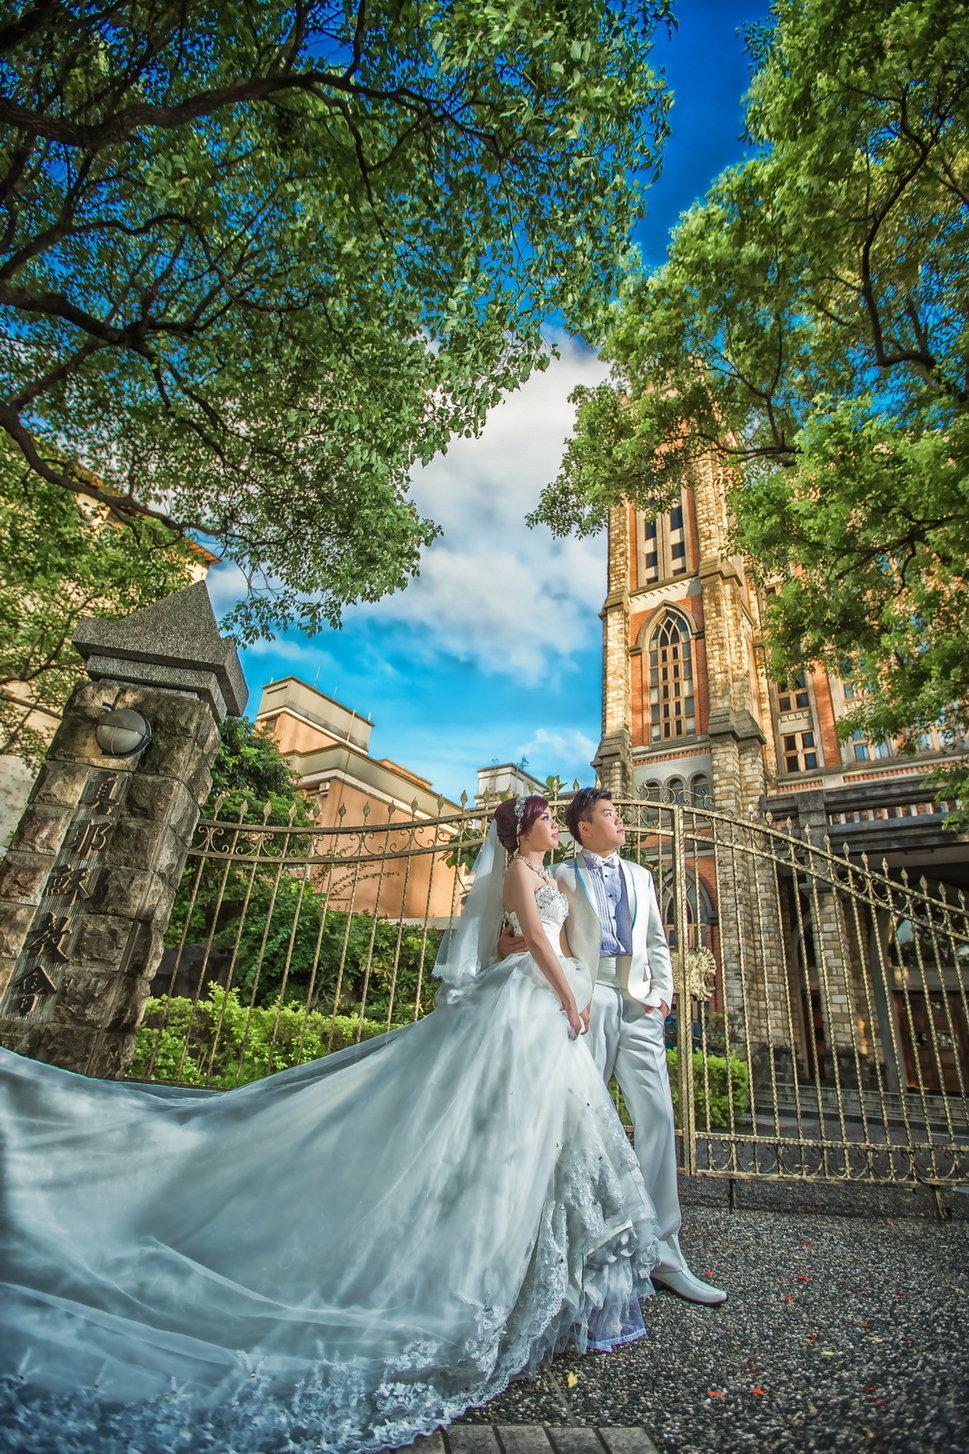 自助婚紗-淡水教堂-婚攝阿卜(編號:433919) - 阿卜的攝影工作室 - 結婚吧一站式婚禮服務平台